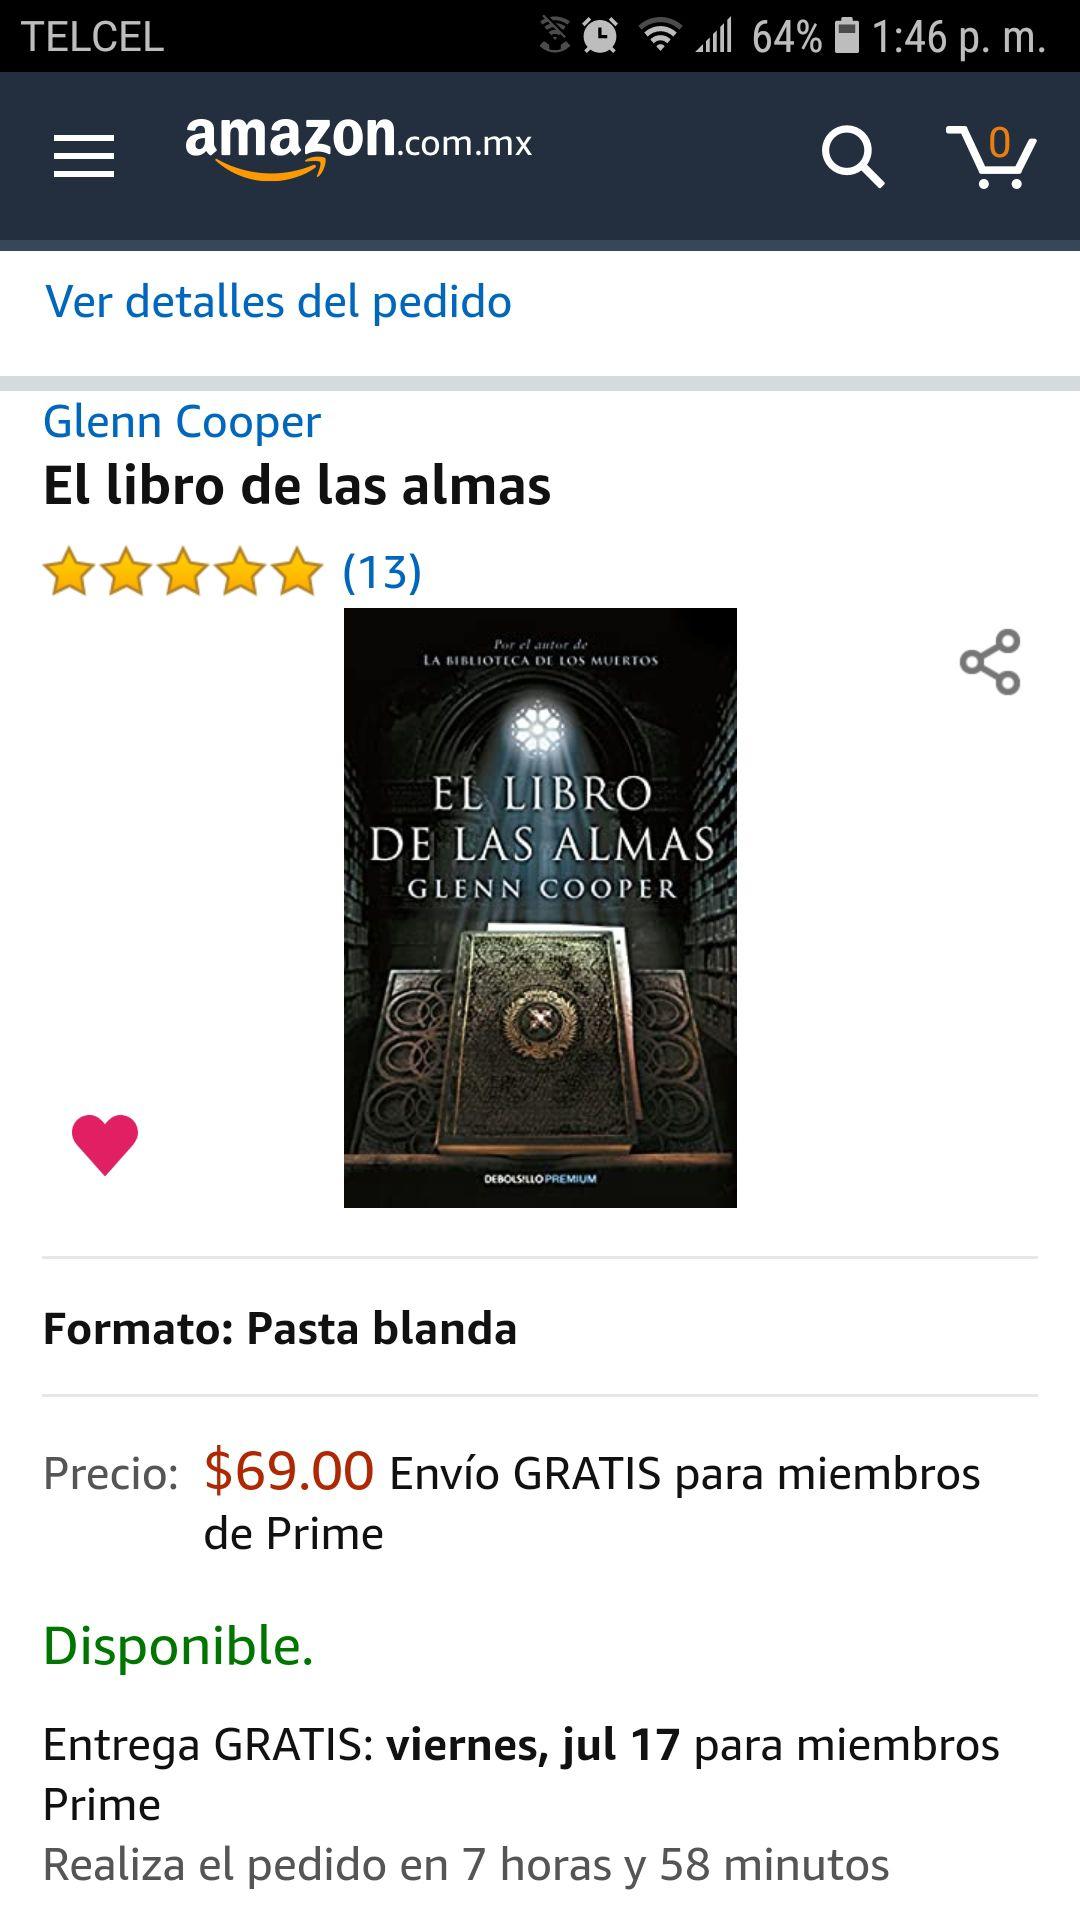 El libro de las almas amazon